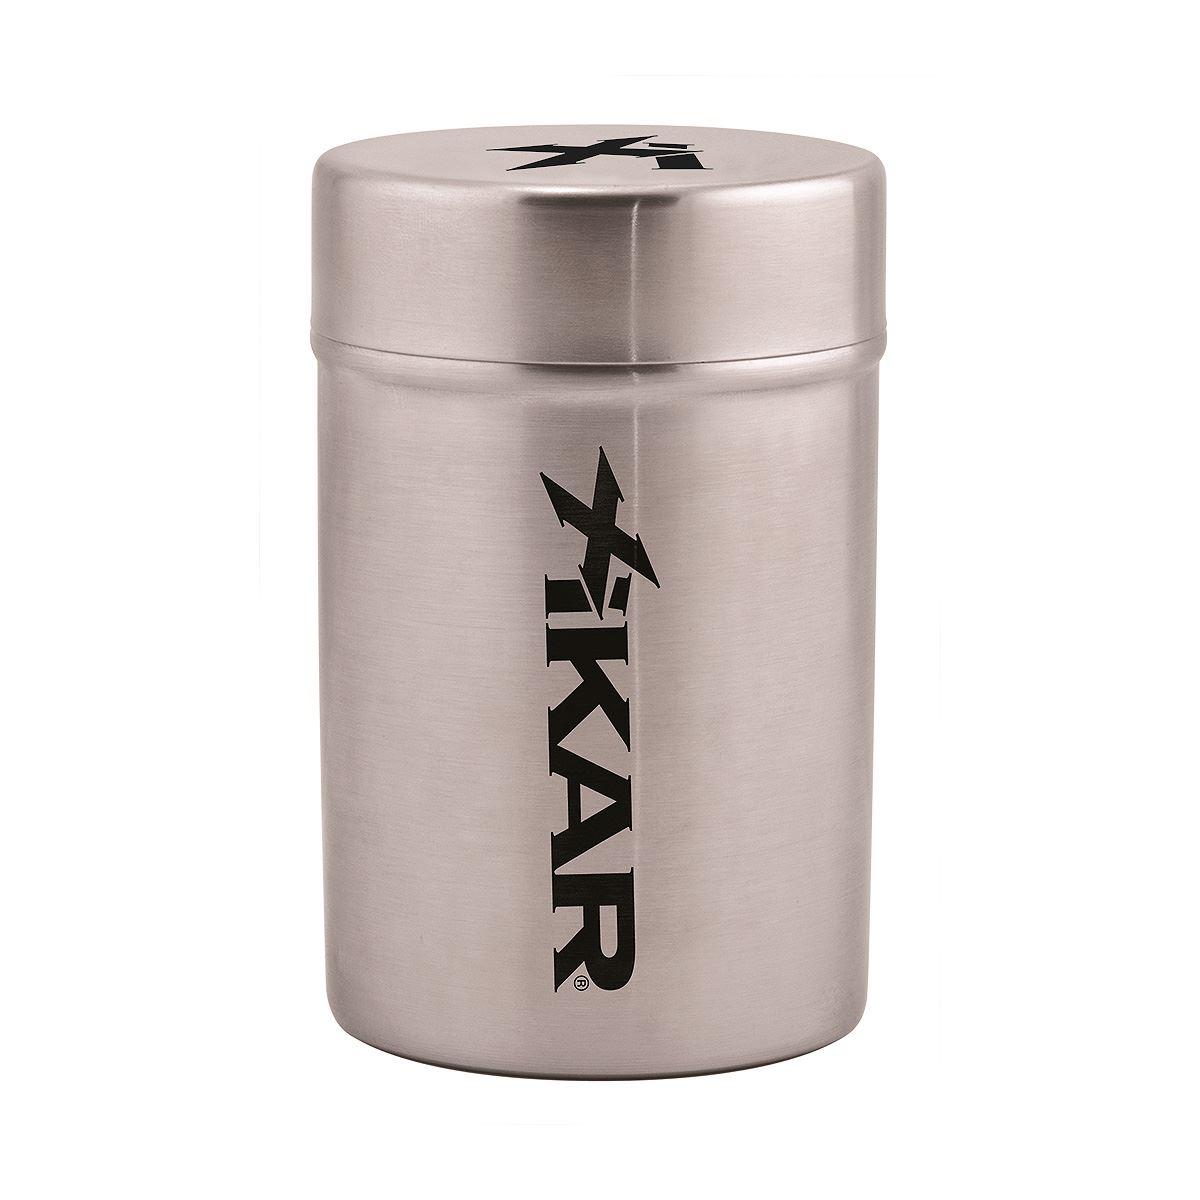 Cenicero para Auto Metálico Xikar